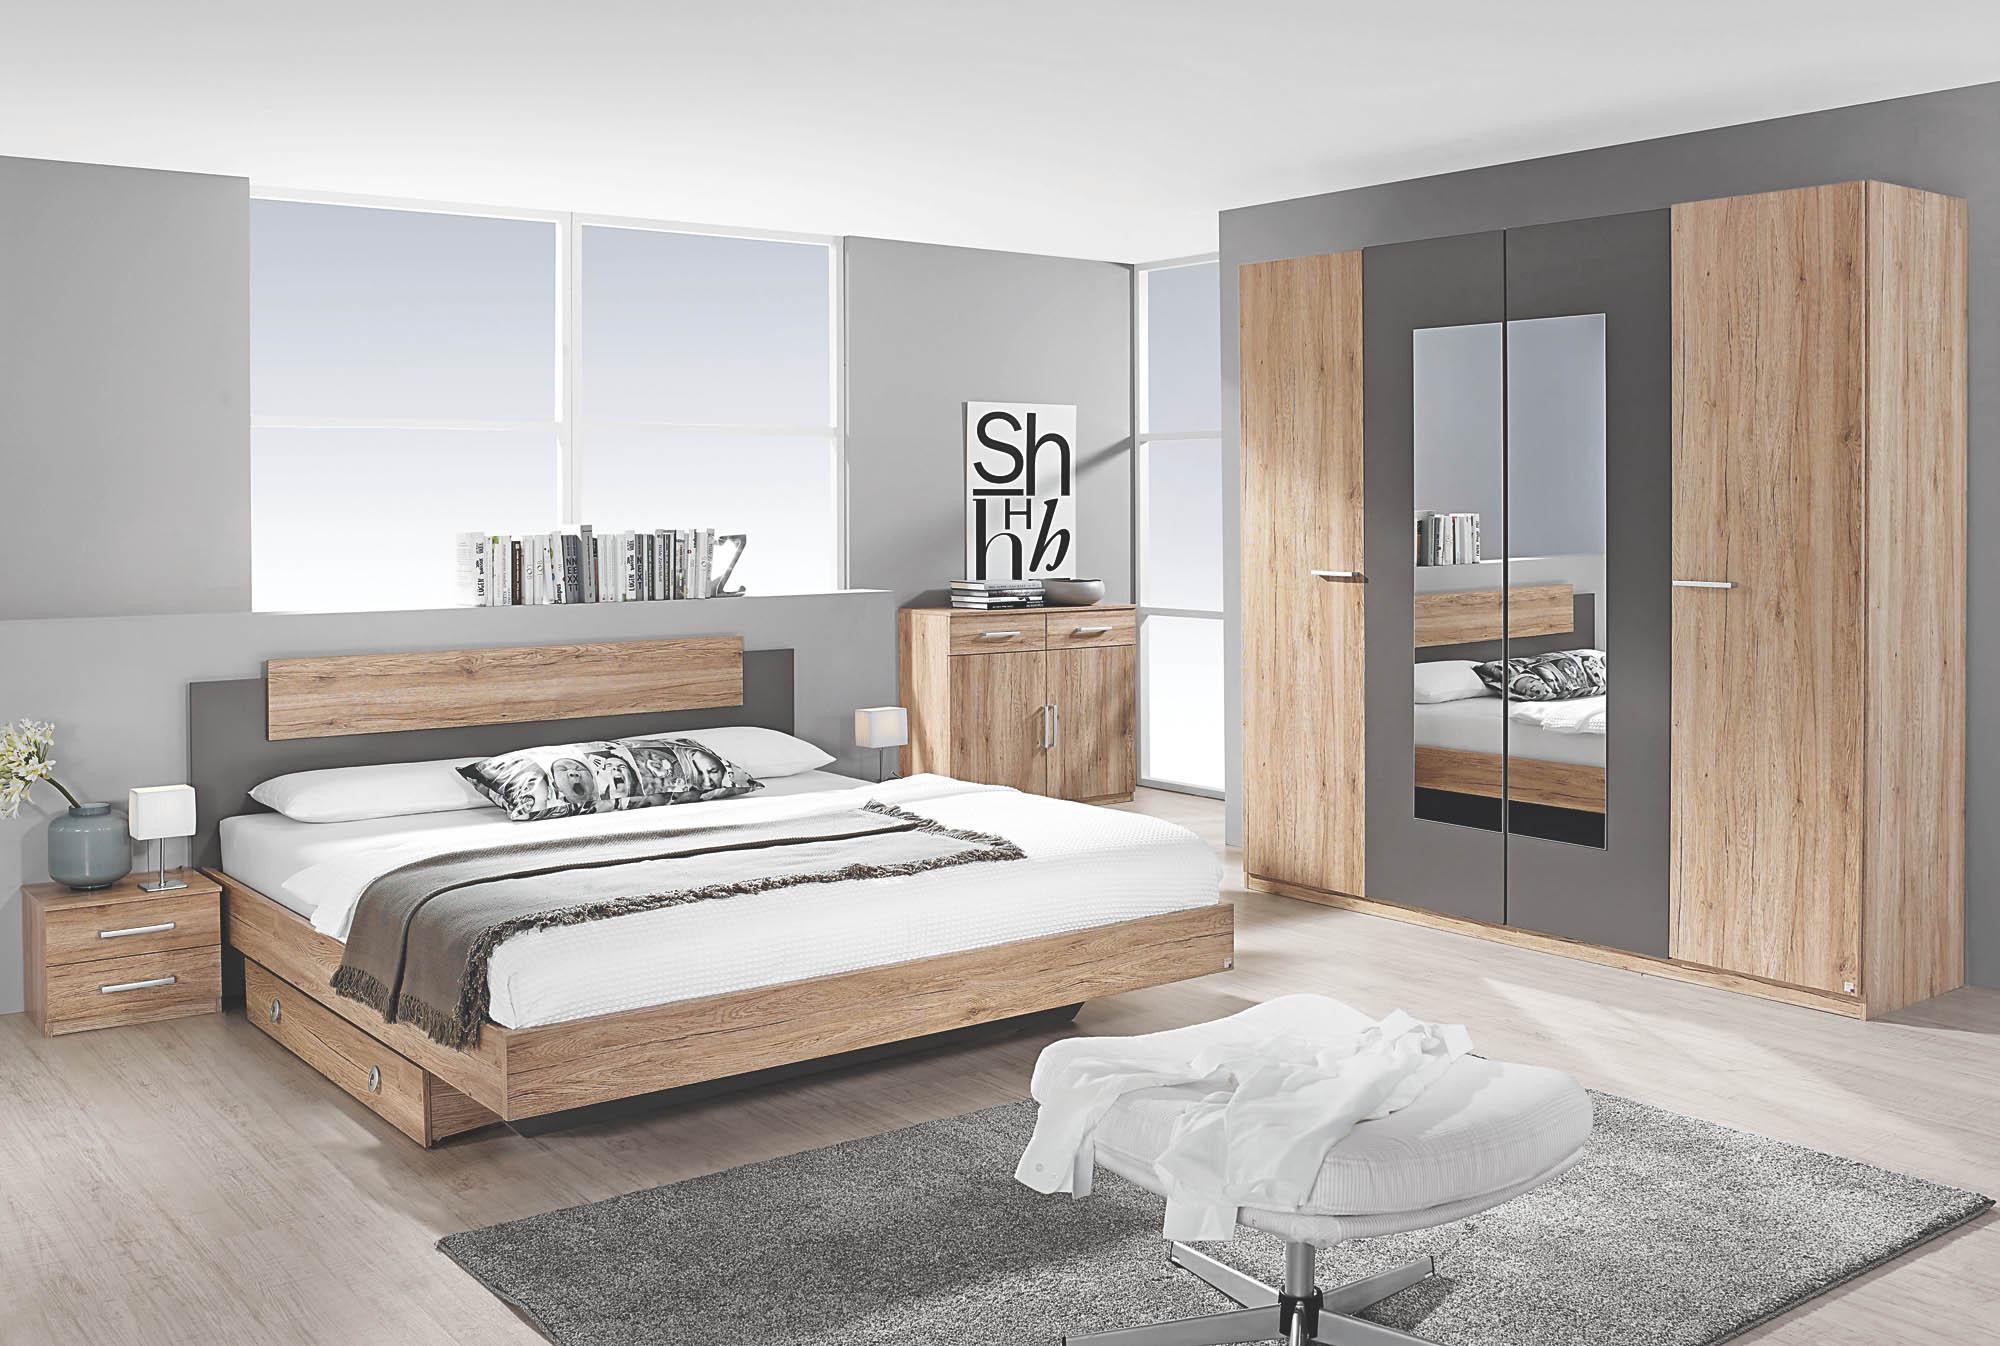 Schlafzimmer 4-tlg Borba Von Rauch Packs Mit 160x200 Bett